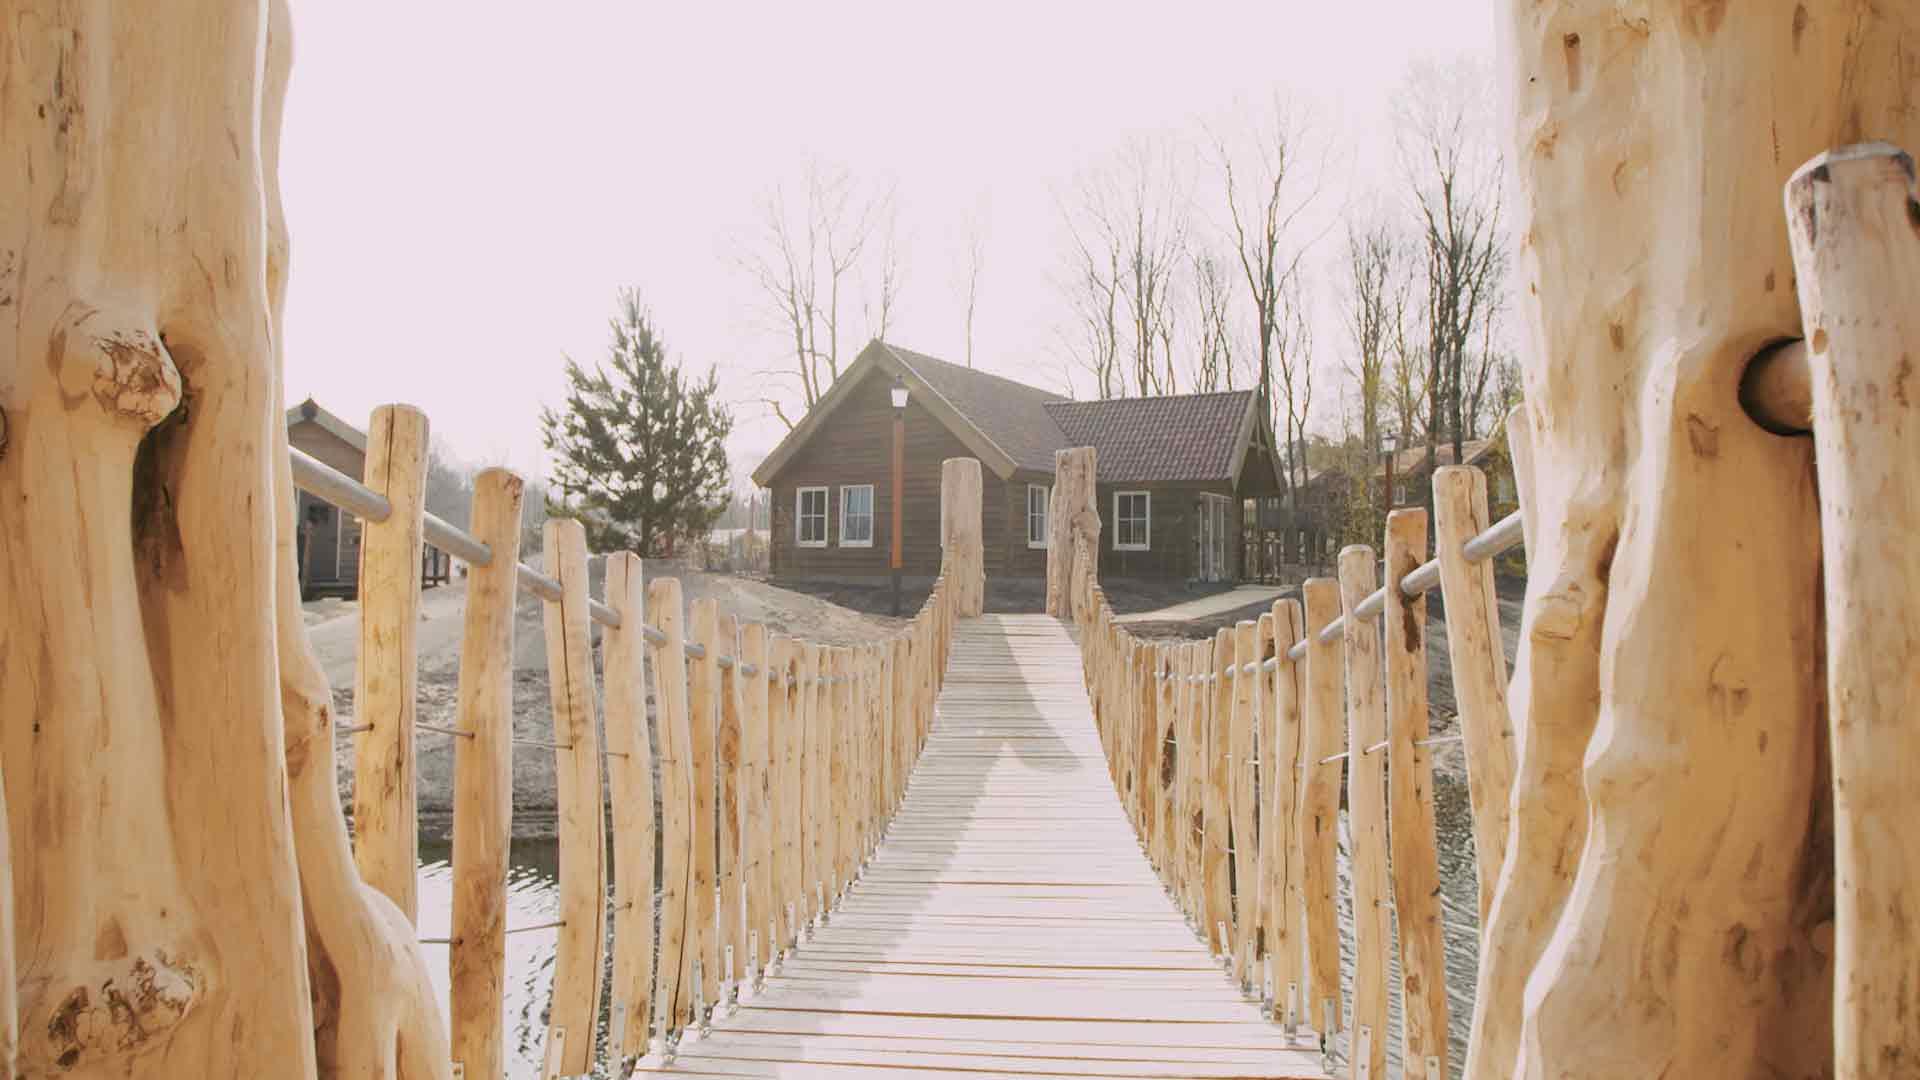 Am Rande der Naturlandschaft wurde ein Ferienresort mit neuen Unterkünften über, auf und unter der Erde gebaut. - copyright: Efteling